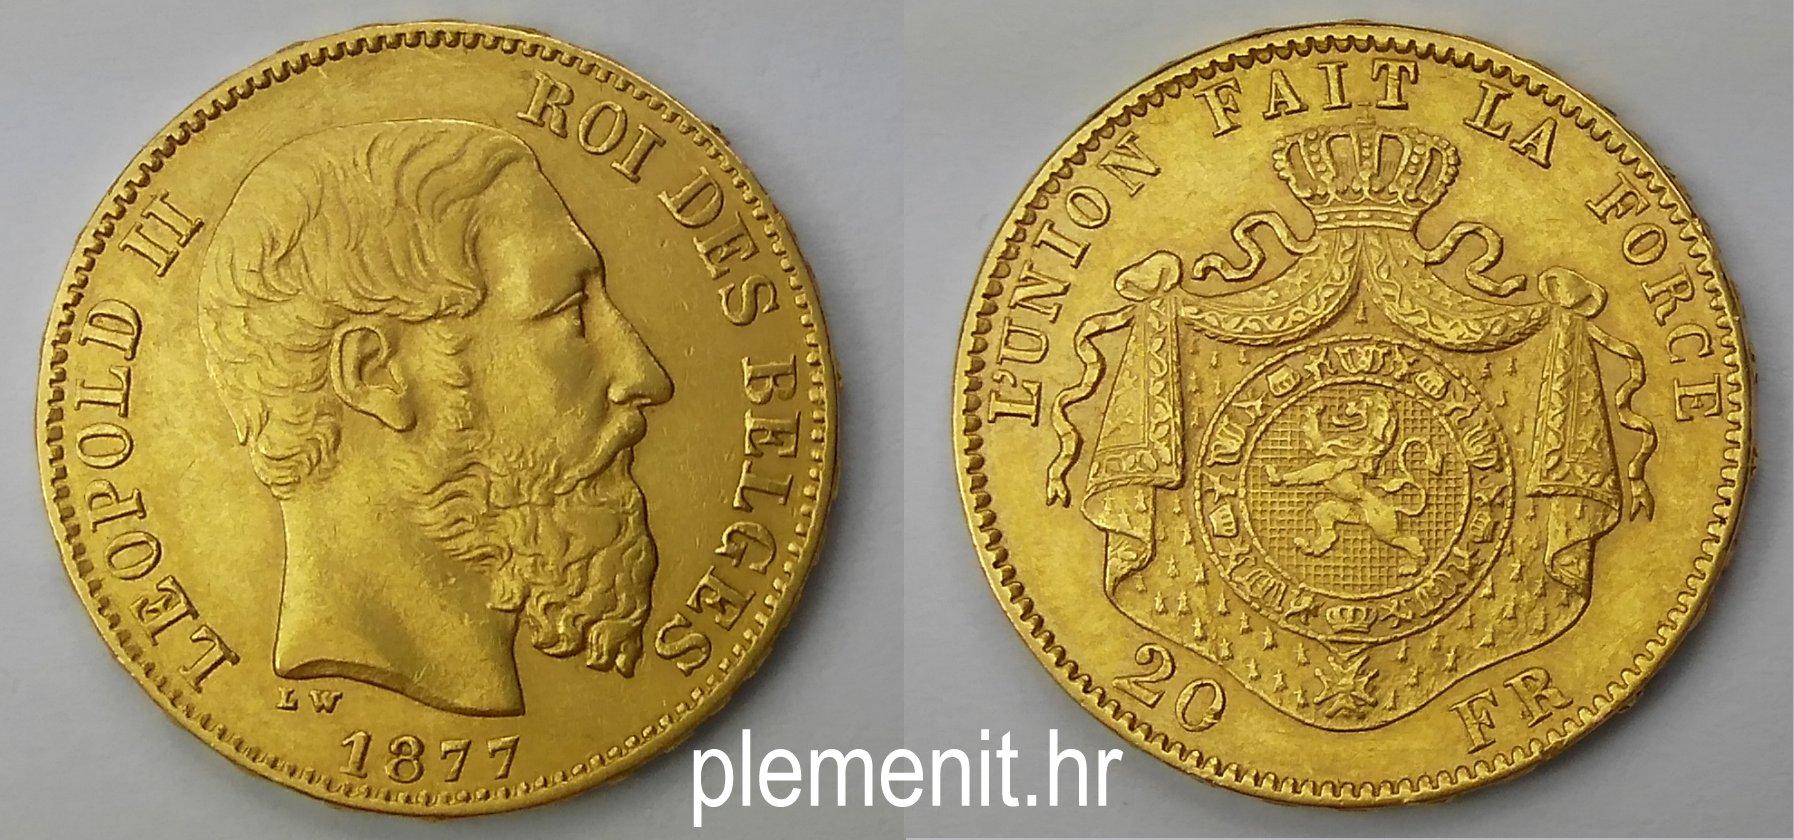 Zlatnik 20 belgijskih franaka Leopold II 1877, Belgija